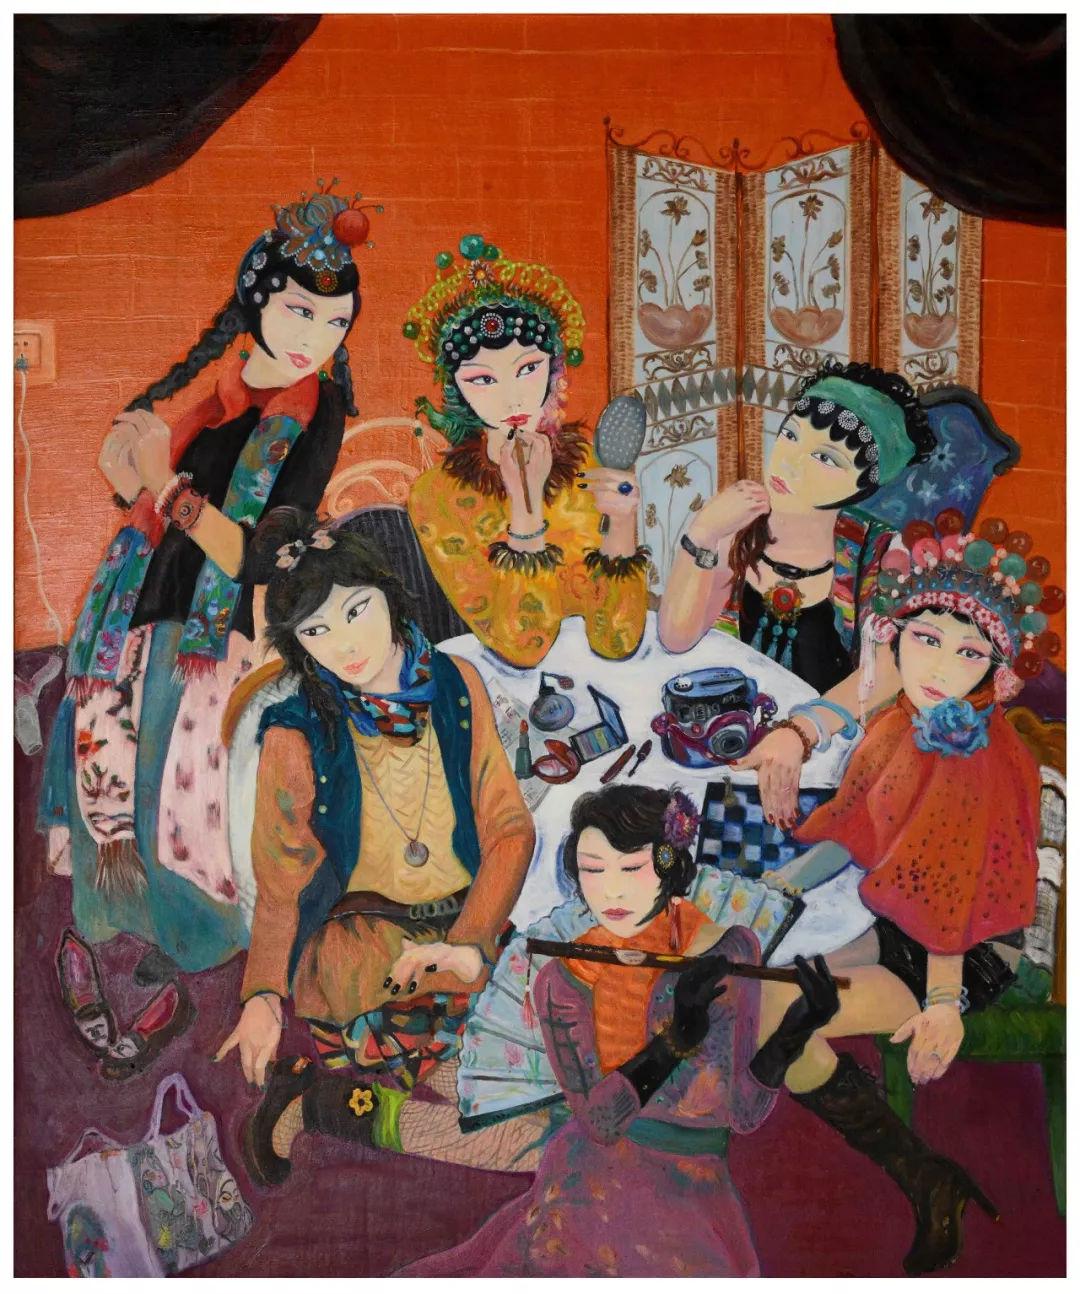 时代强音—纪念改革开放40周年大庆市美术作品展获奖作品欣赏!图片